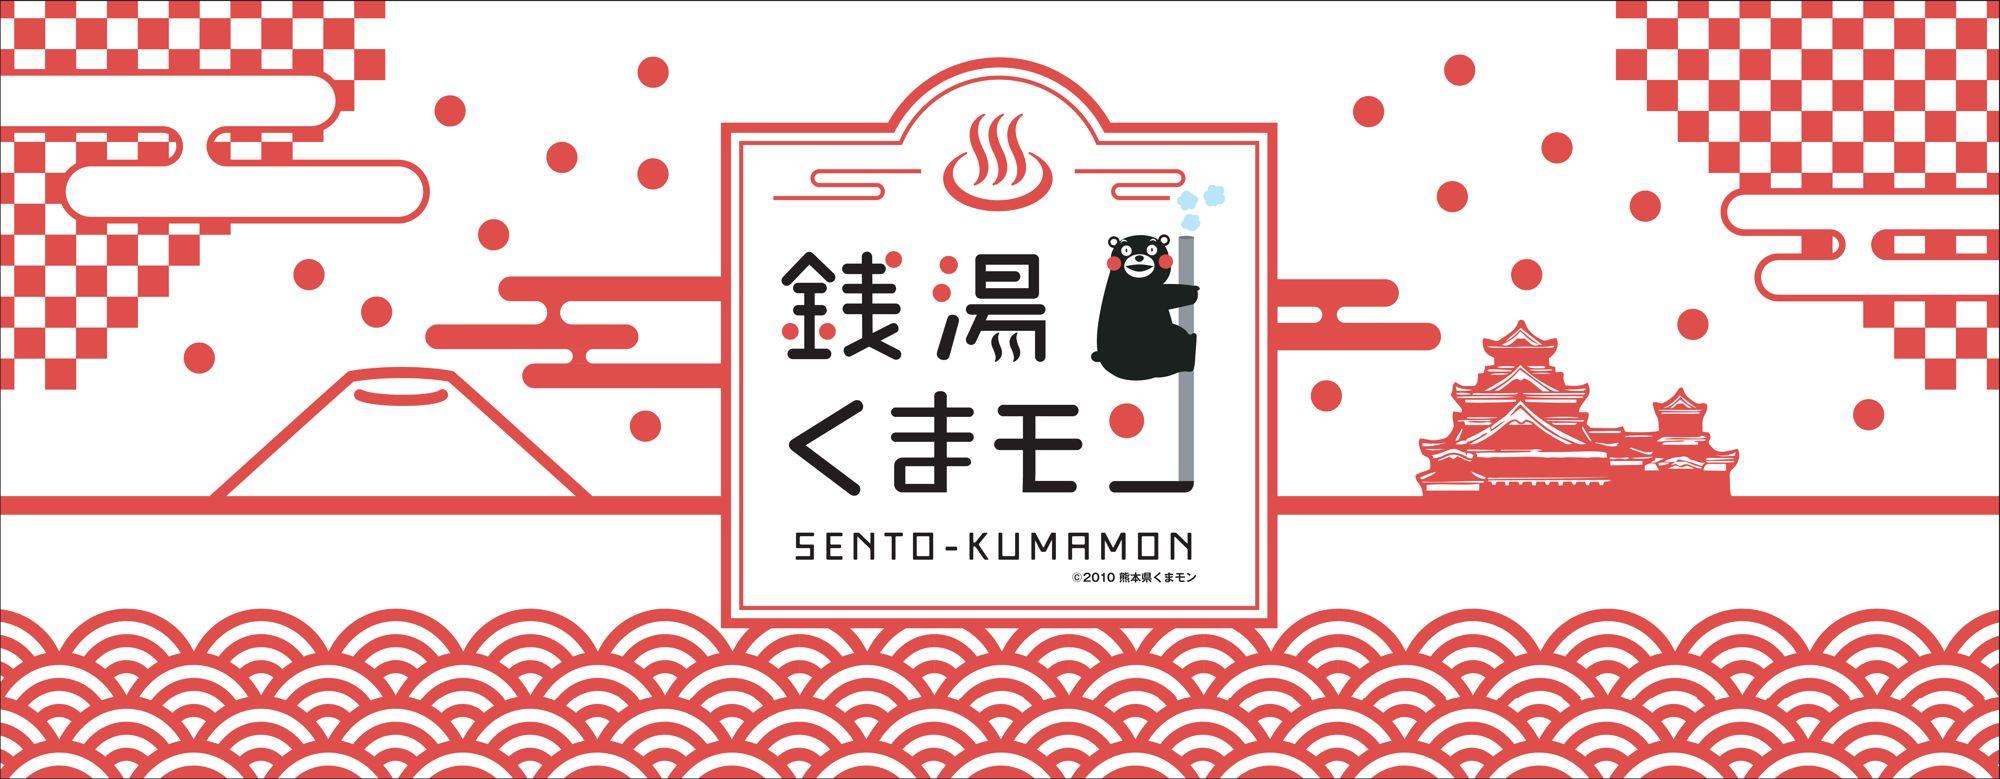 くまモンが「押上温泉 大黒湯」をジャック‼︎ 熊本の魅力いっぱいの「銭湯くまモン」で、いい湯だな♪_2